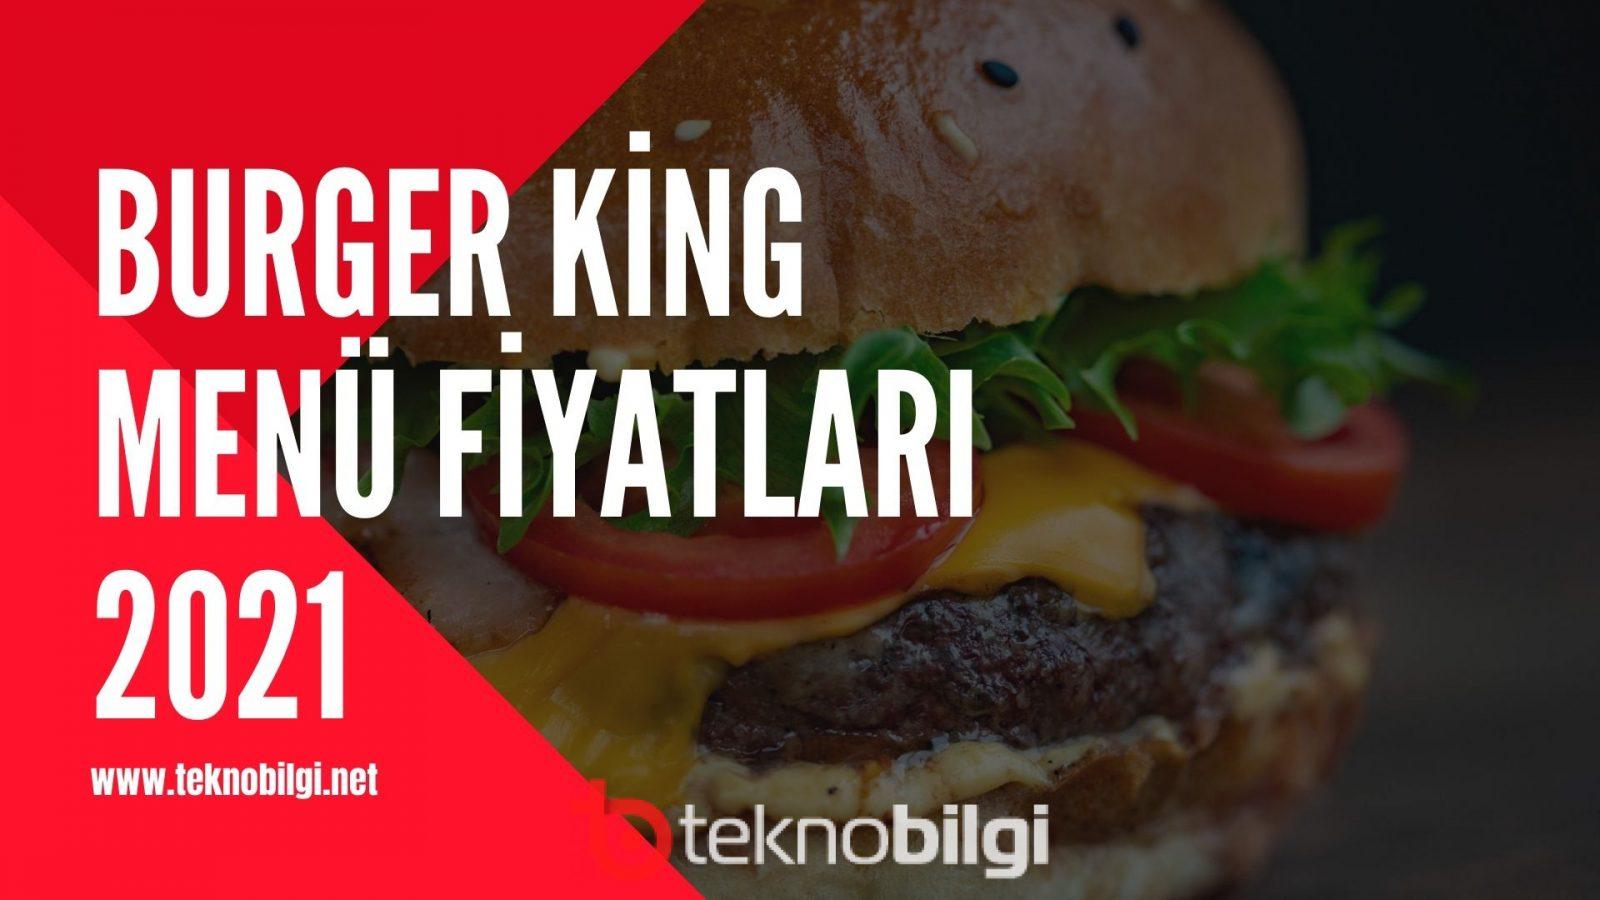 Burger King Menü Fiyatları, Burger King Menü Fiyatları